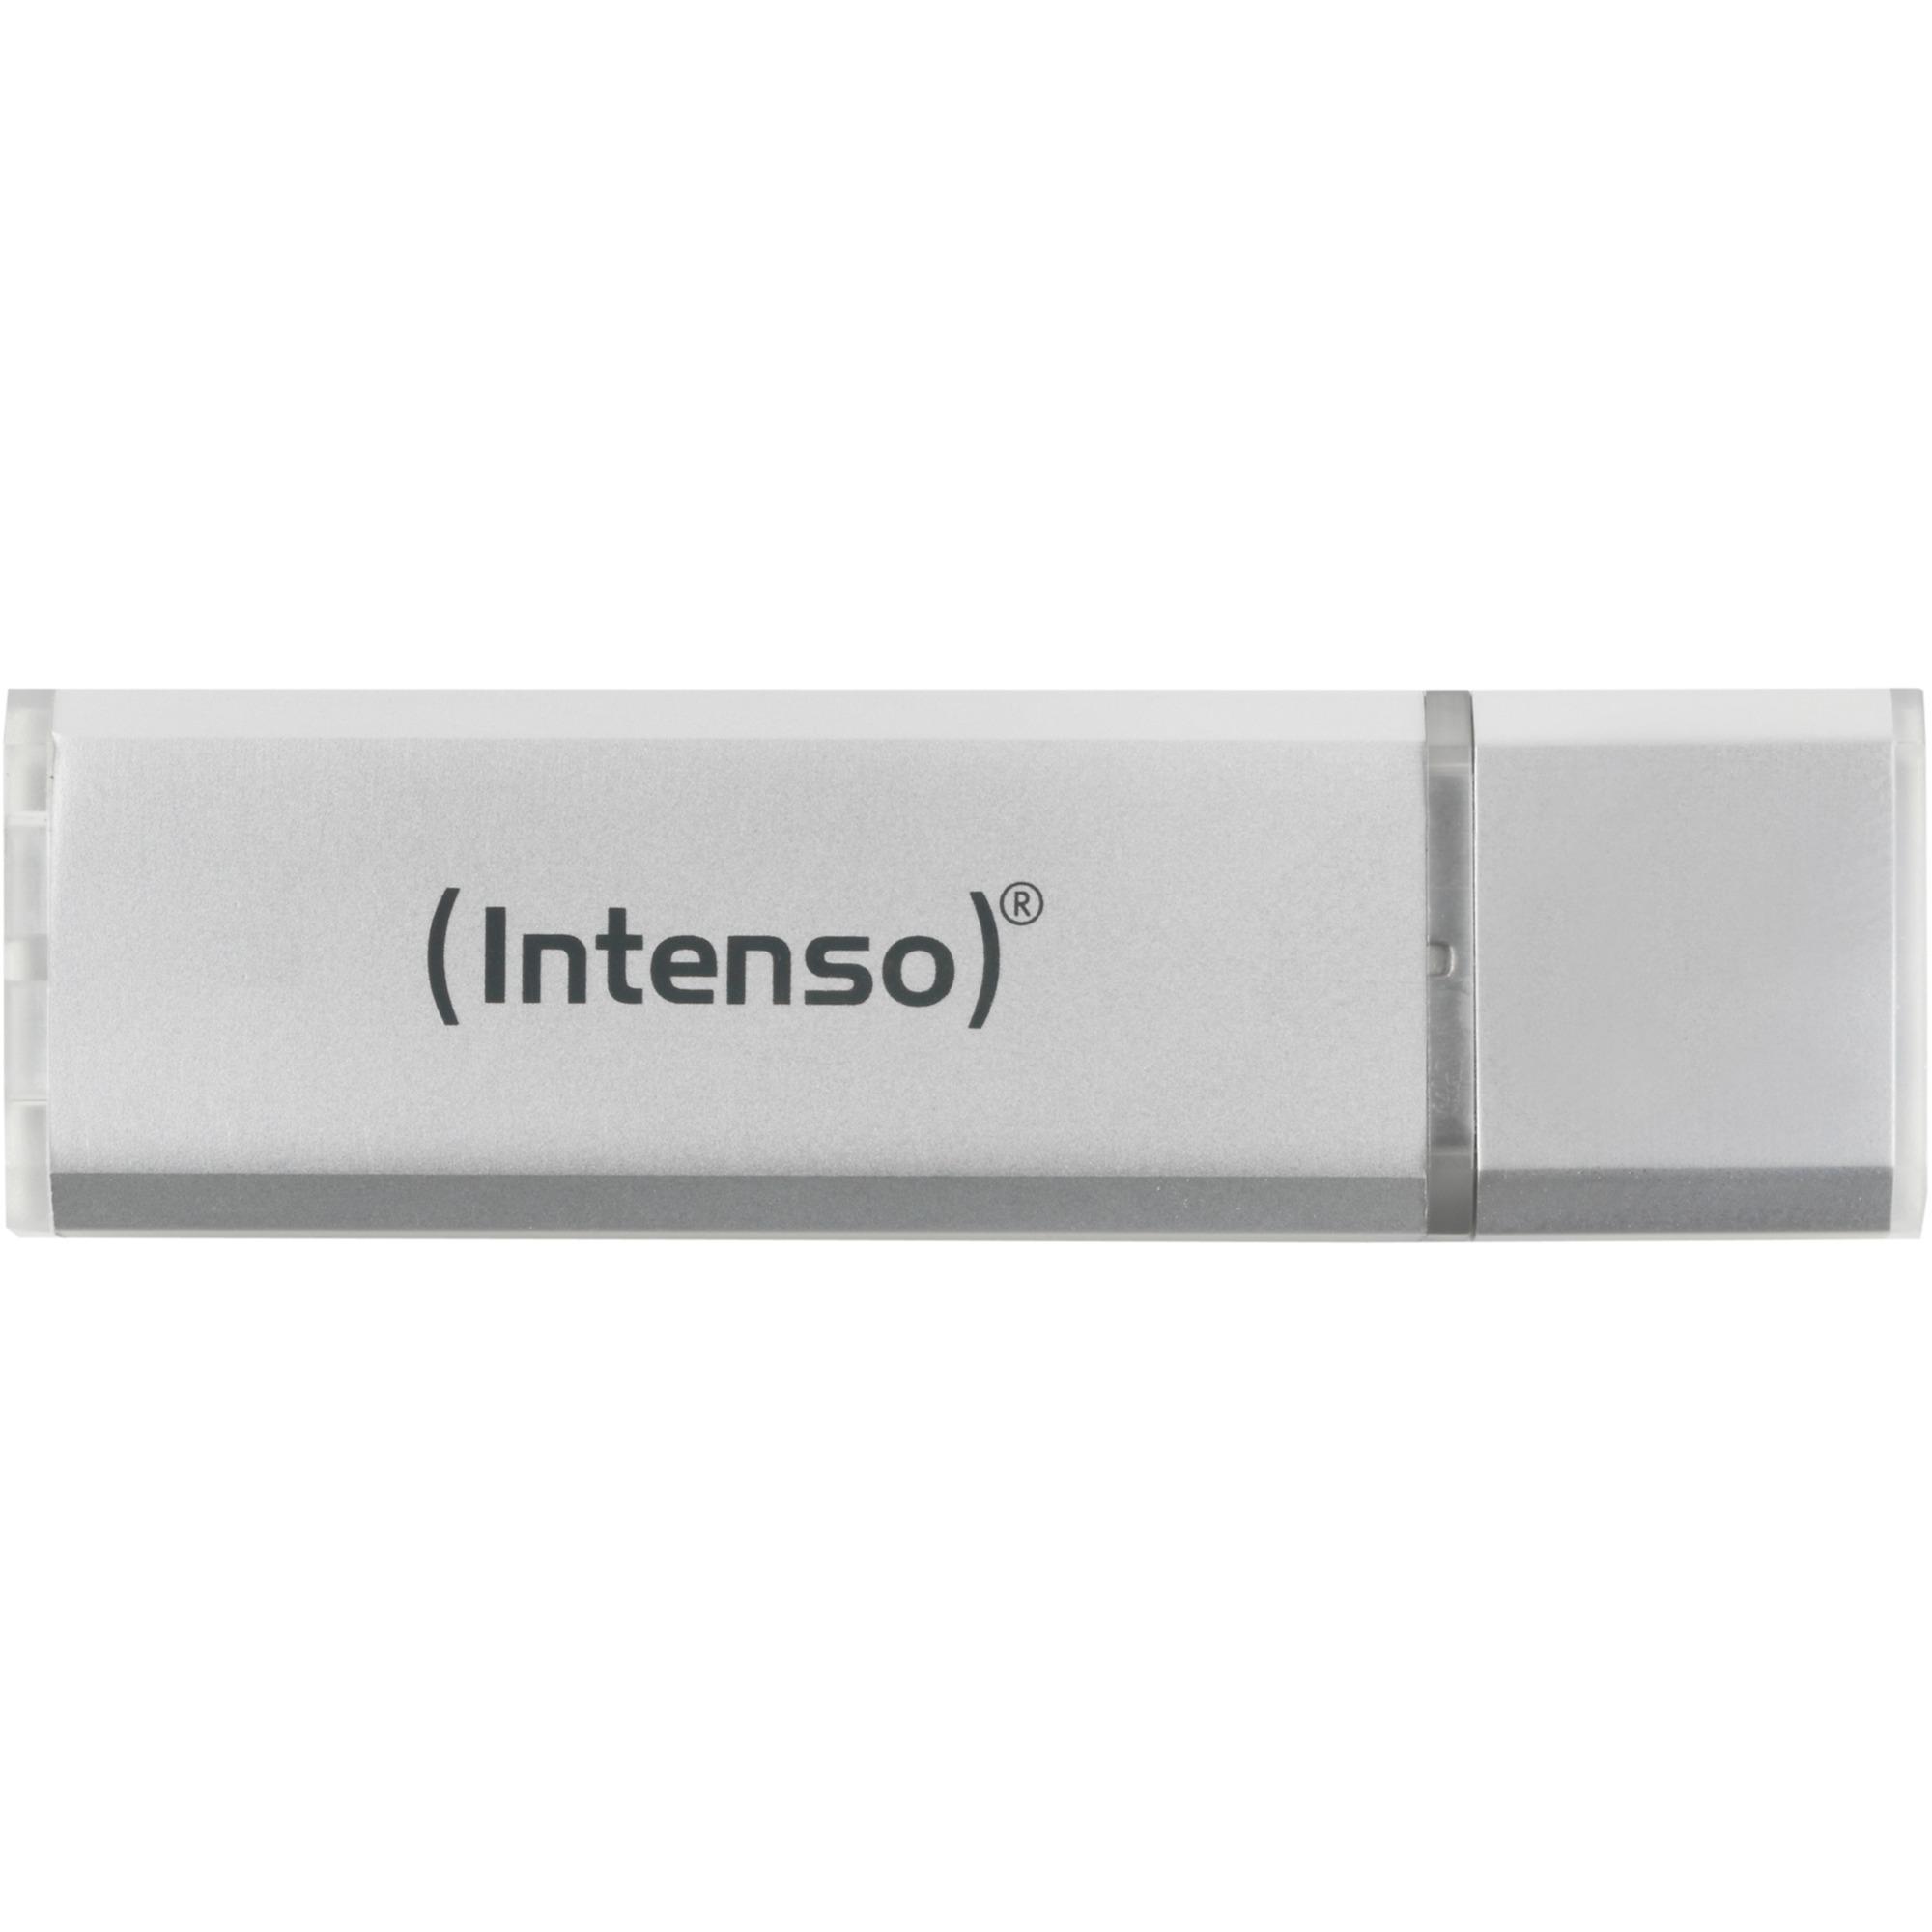 128GB USB 3.0 Ultra Line 128Go USB 3.0 (3.1 Gen 1) Connecteur USB Type-A Argent lecteur USB flash, Clé USB